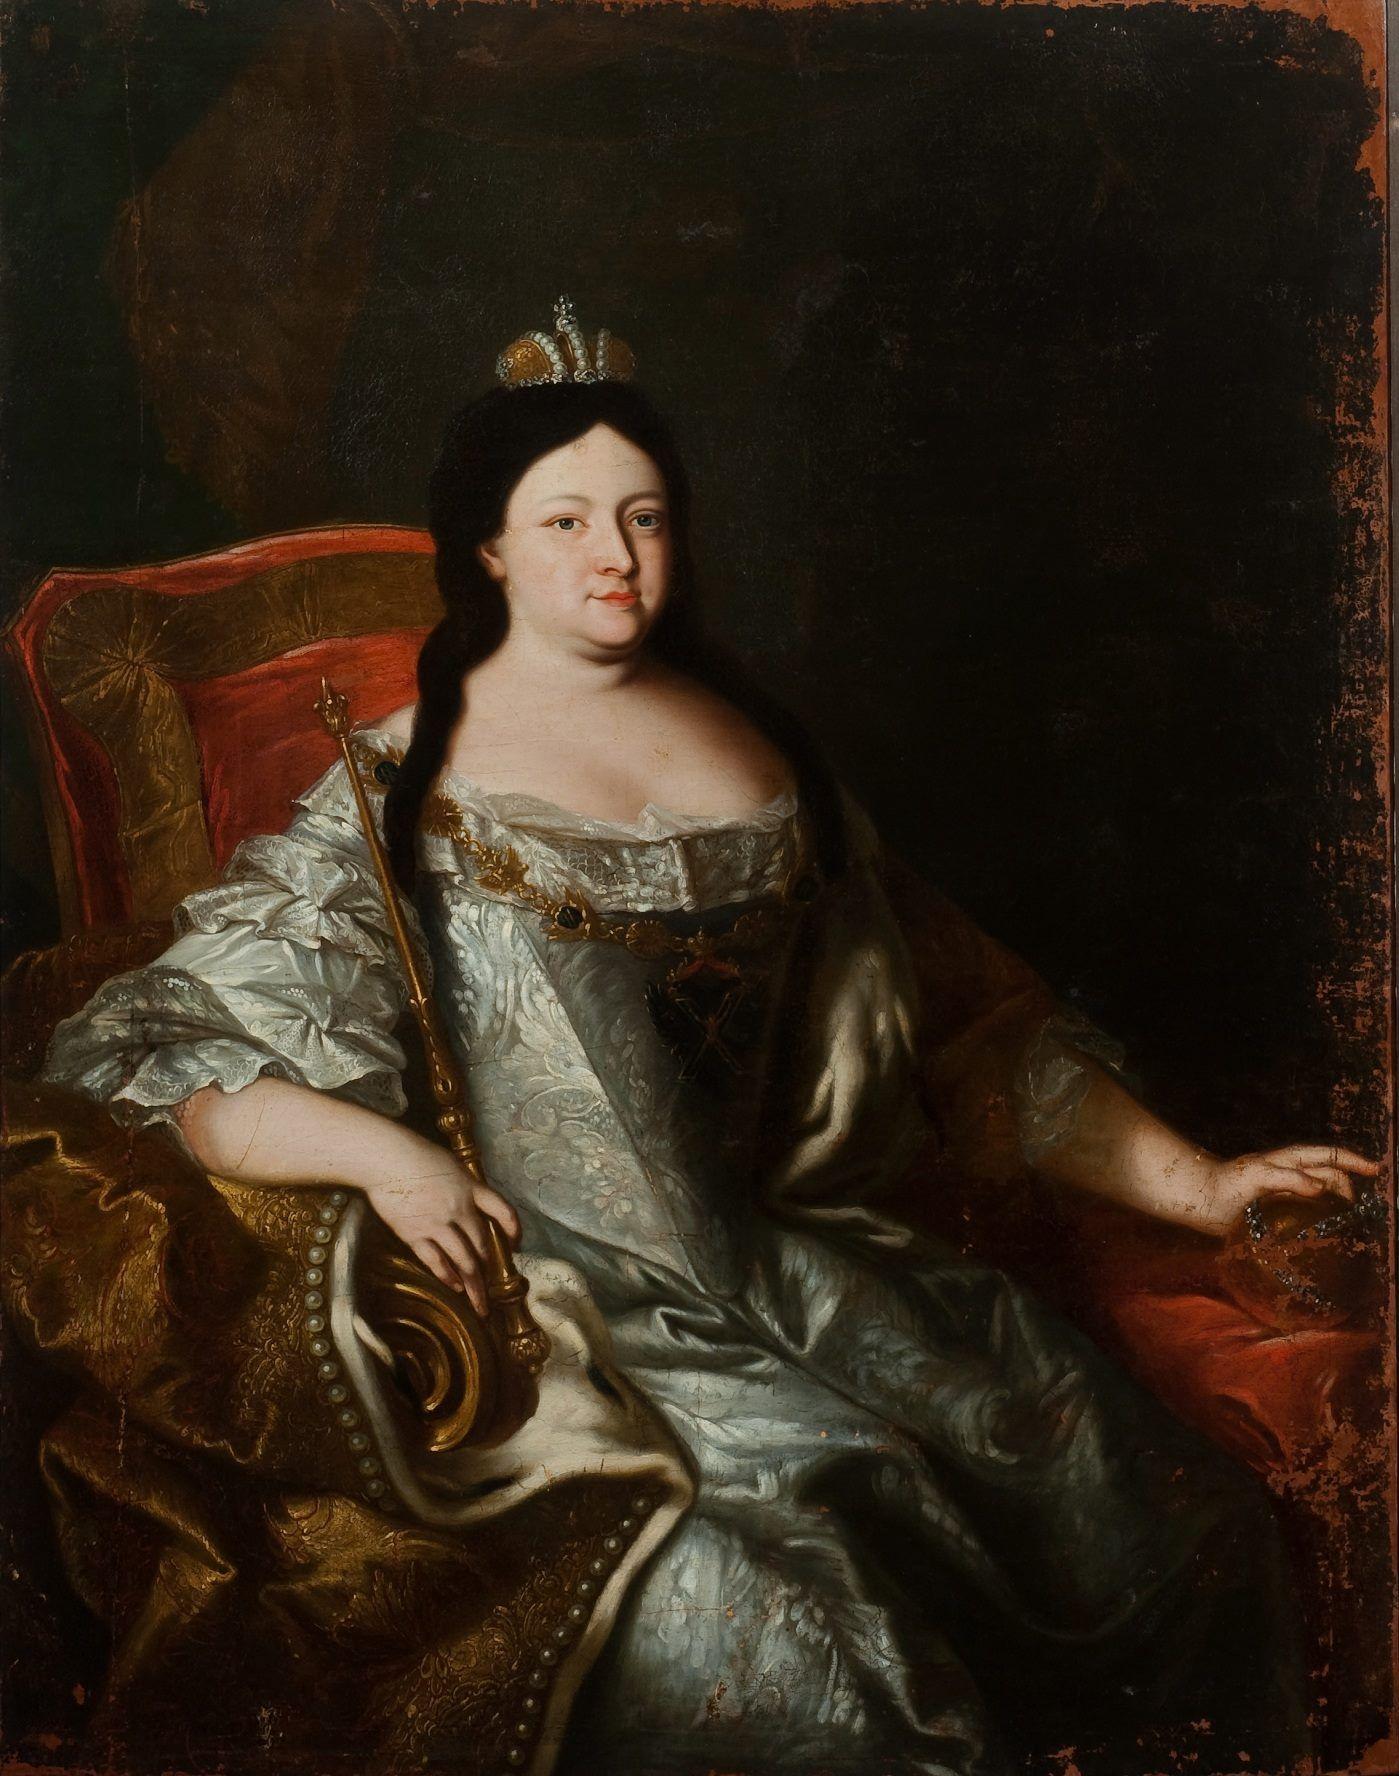 Resultado de imagem para ana ivanova imperatriz